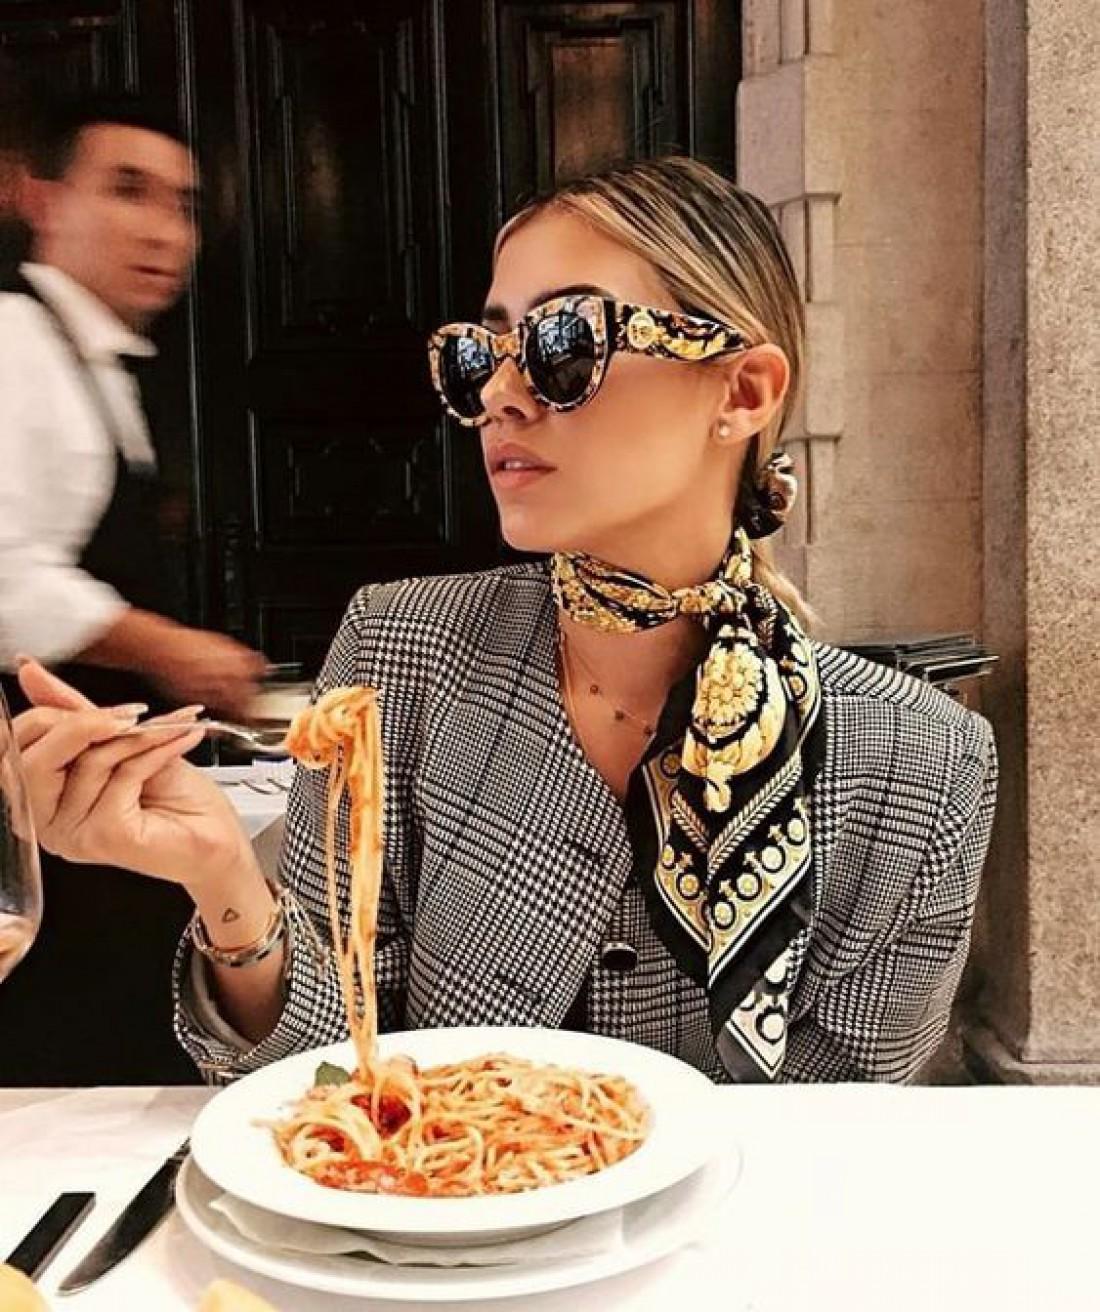 Скандал в ресторане: 6 спорных ситуаций и выход из них